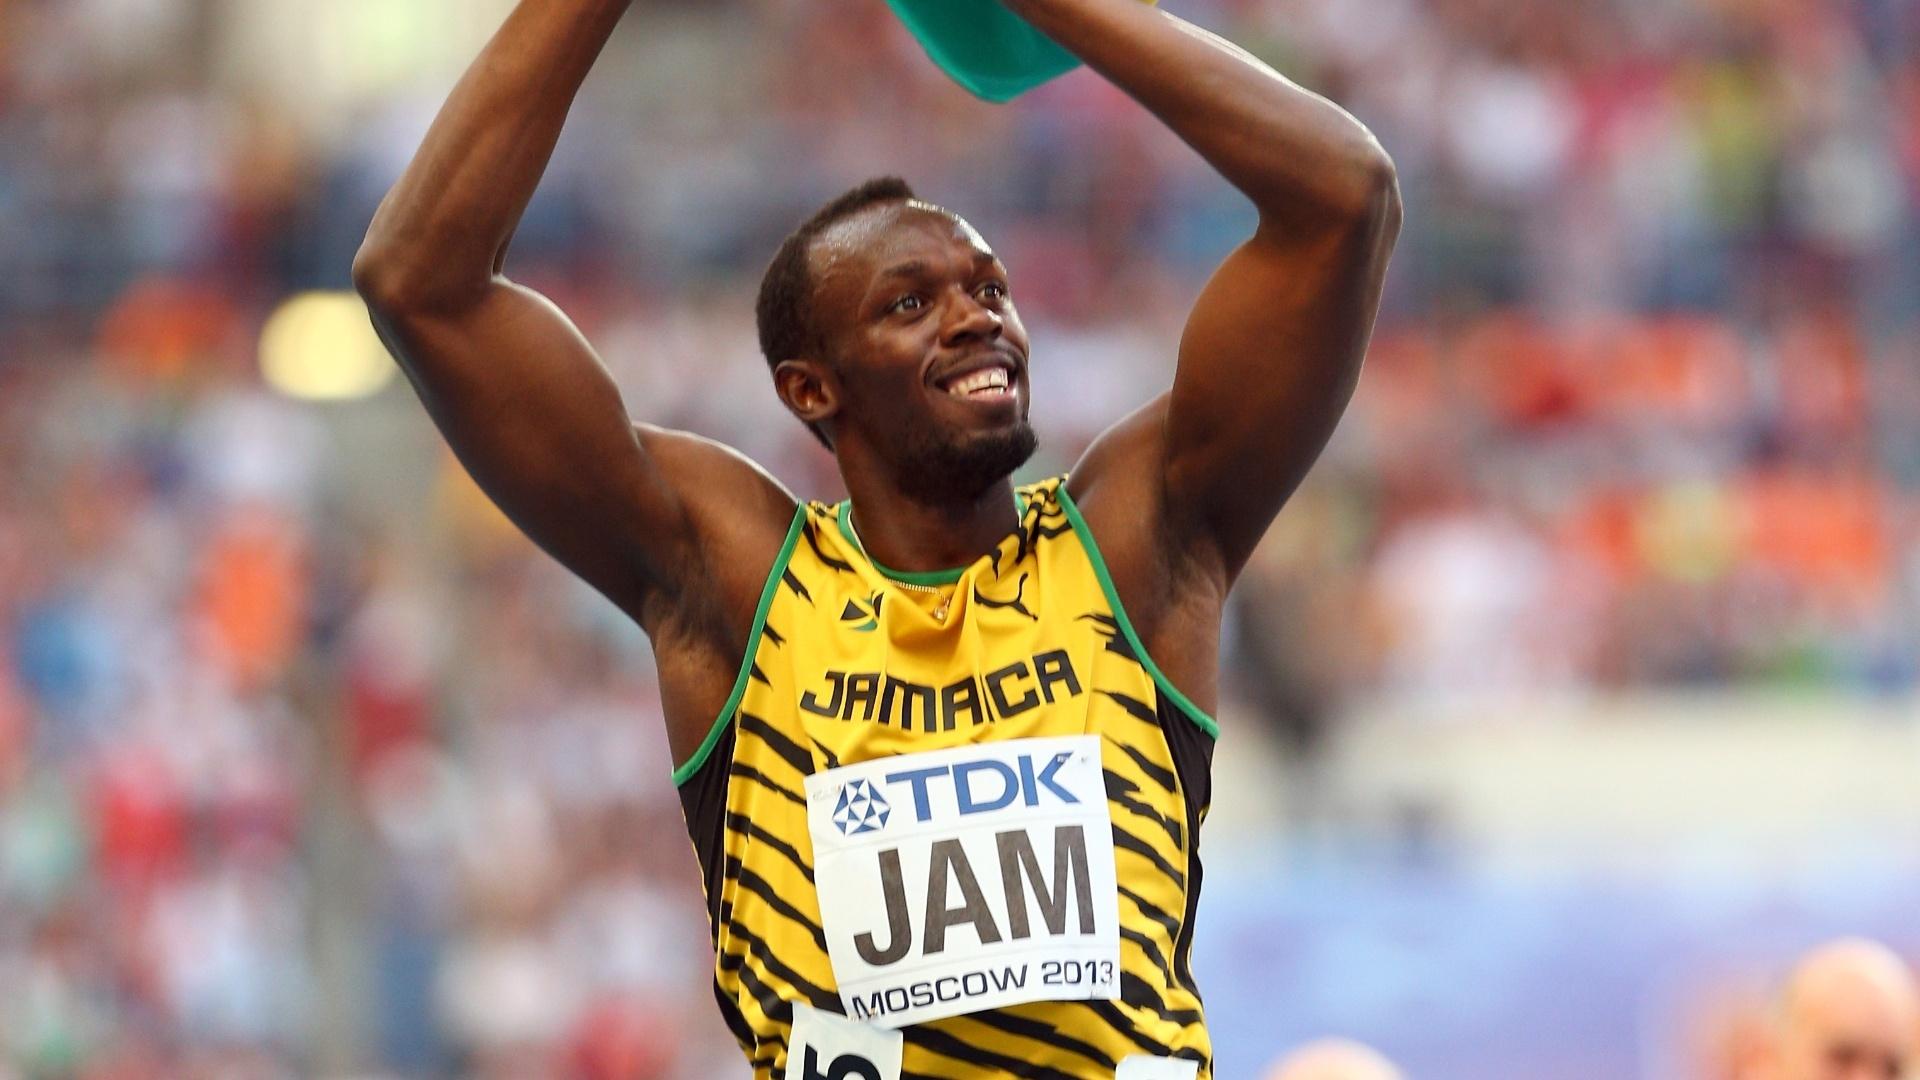 18.ago.2013 - Usain Bolt sorri com a bandeira da Jamaica para comemorar o ouro no revezamento 4x100 m